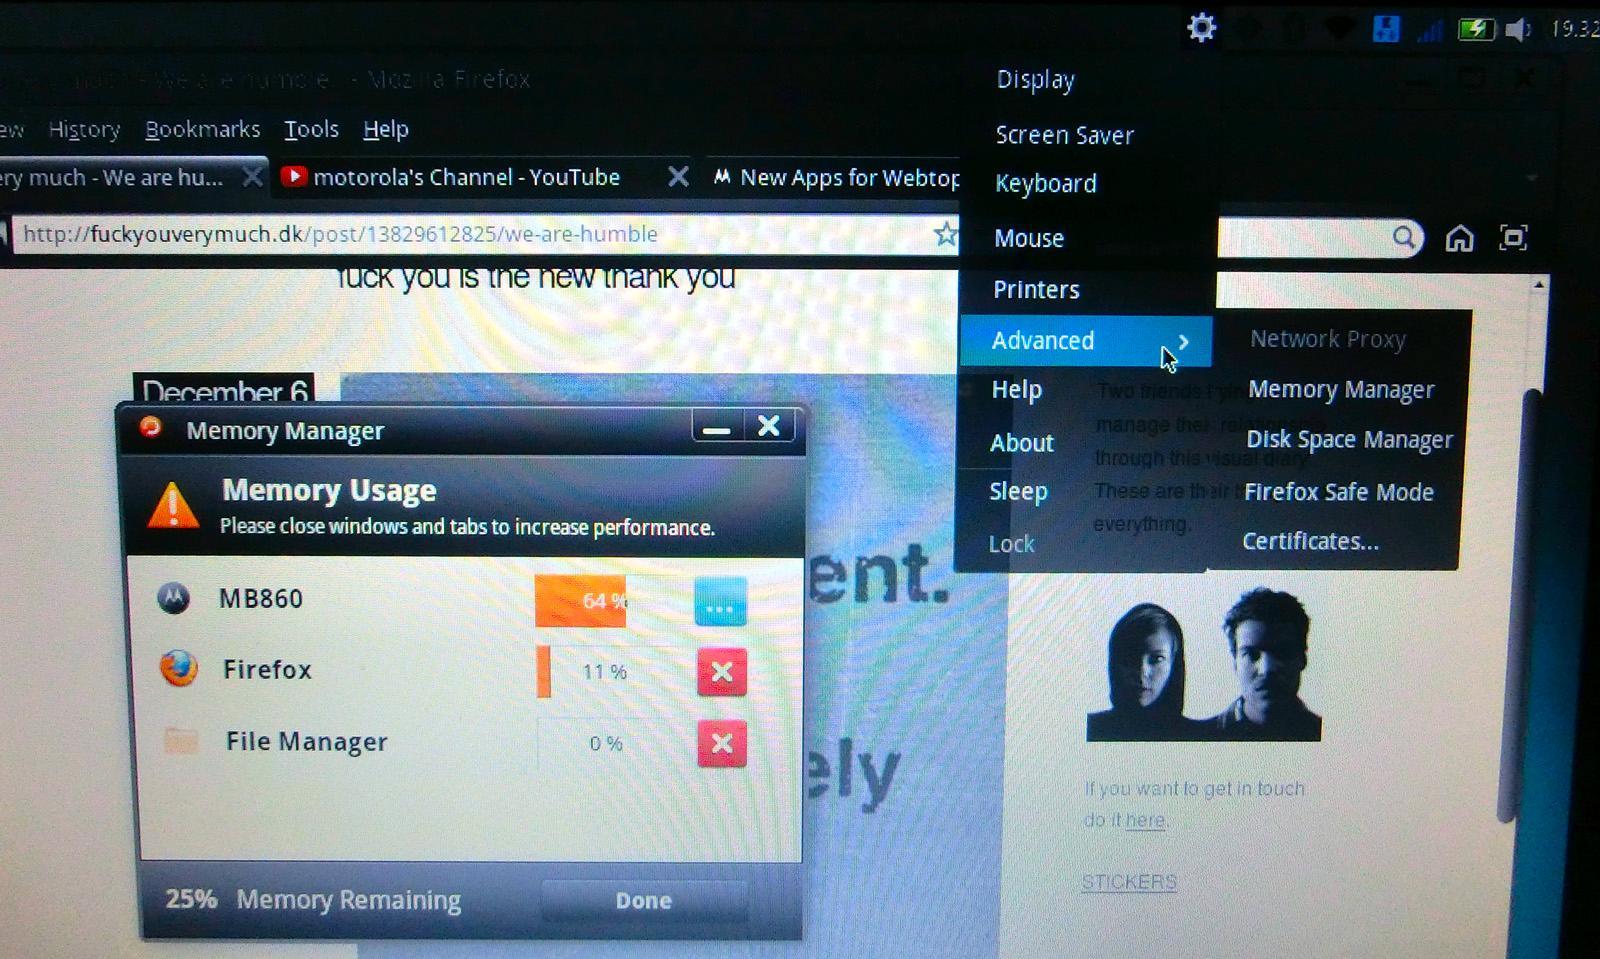 Innstillingene ligger i Webtop-ens eget grensesnitt.